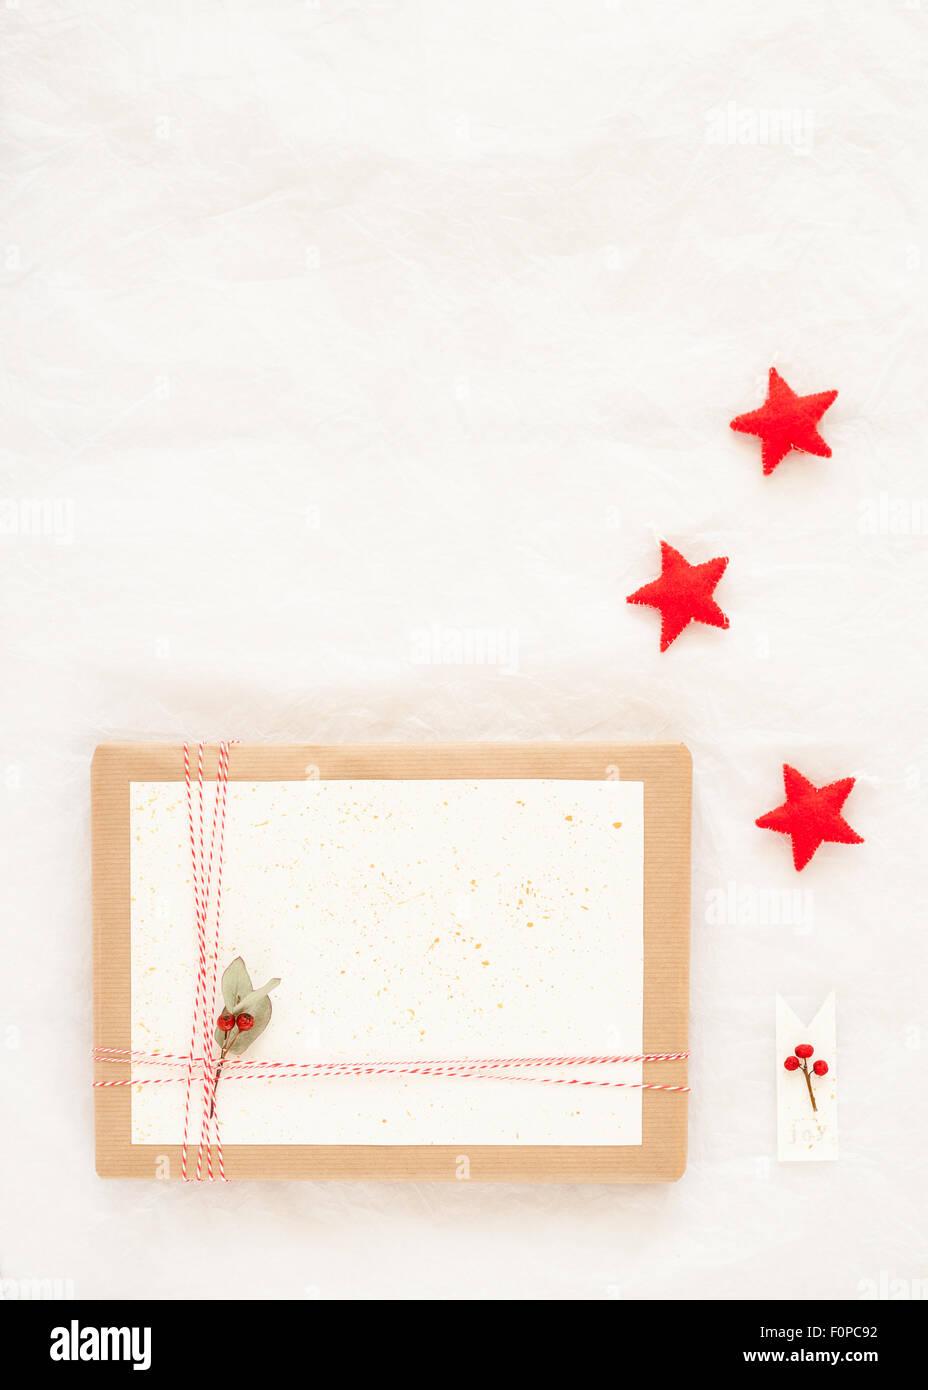 Envoltorio de regalo con papel marrón, rojo y blanco de hilo de baker libro blanco salpicado con pintura de Imagen De Stock